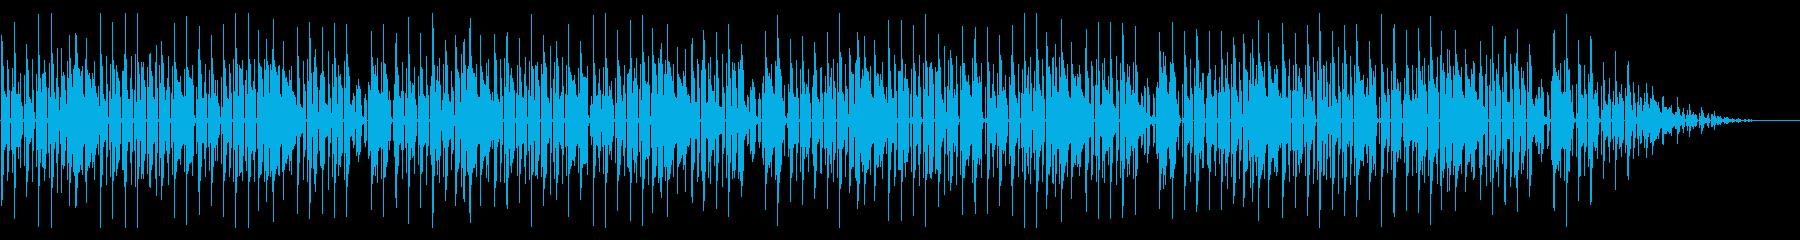 面白映像「カルメン前奏曲」脱力系アレンジの再生済みの波形